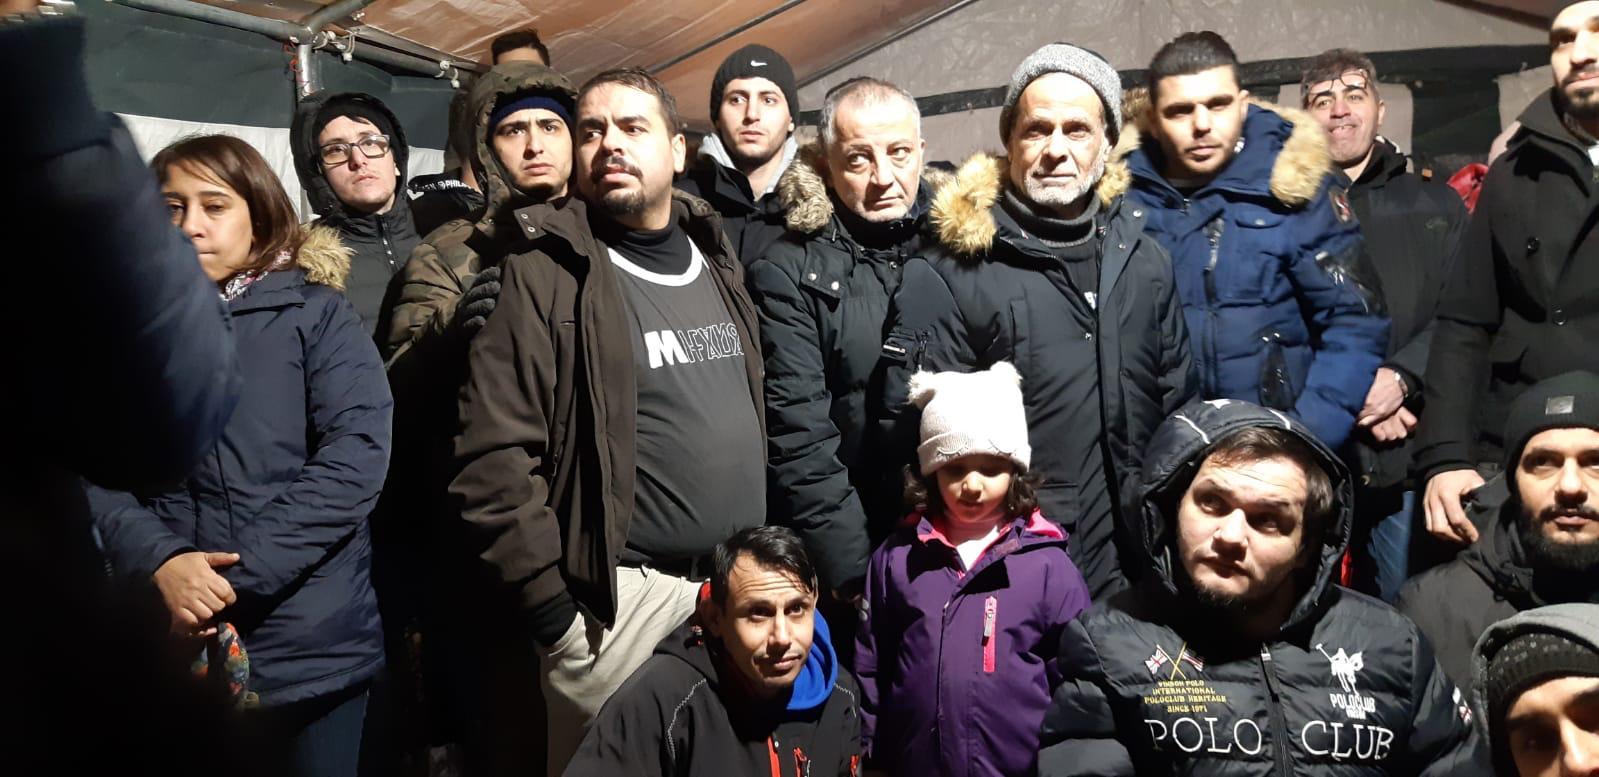 السويد: 3000 طالب لجوء يواجهون إجراءات تمييزية مقيتة